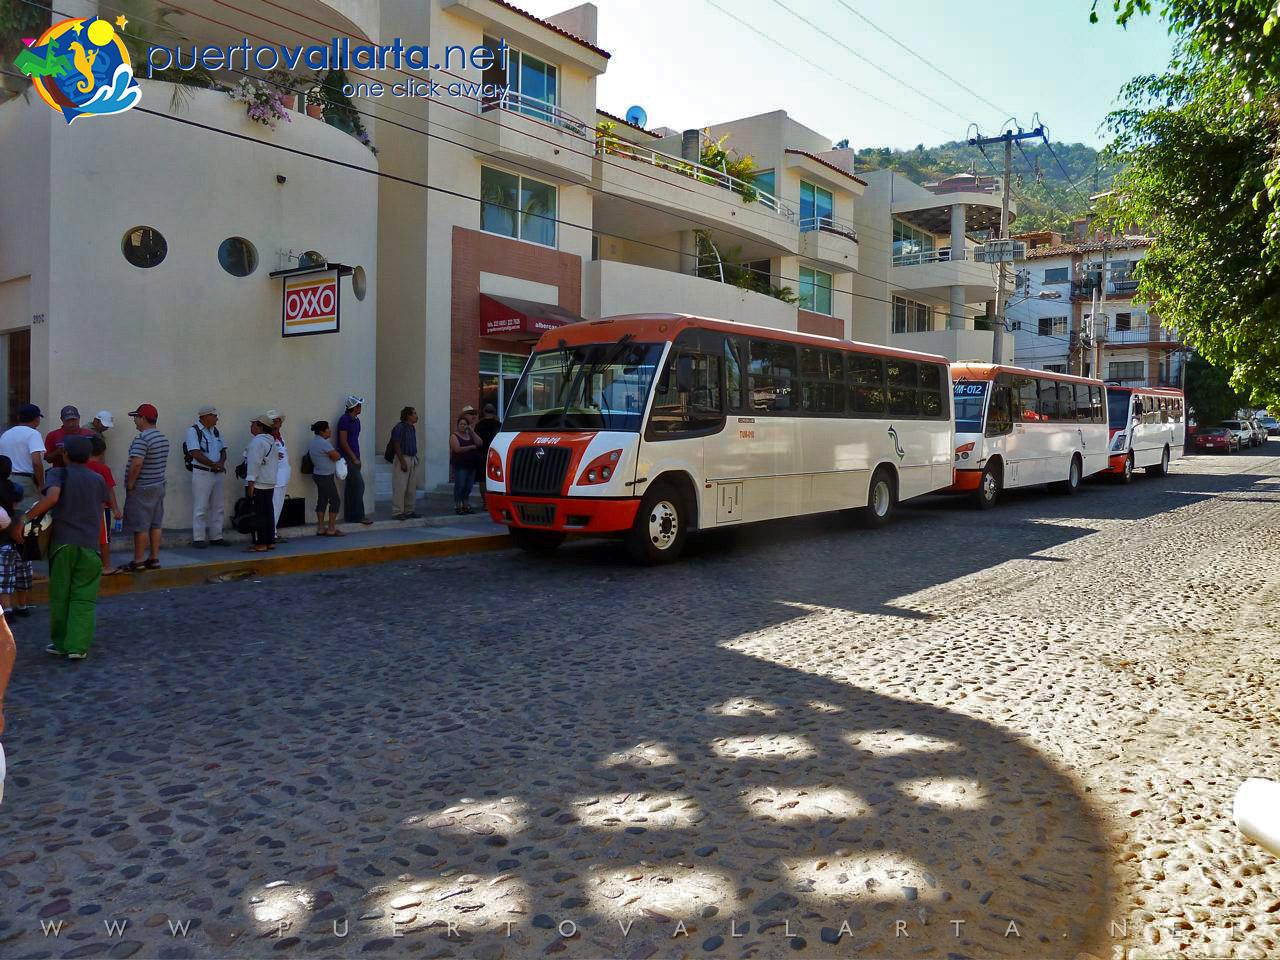 Bus to Puerto Vallarta Zoo and Mismaloya